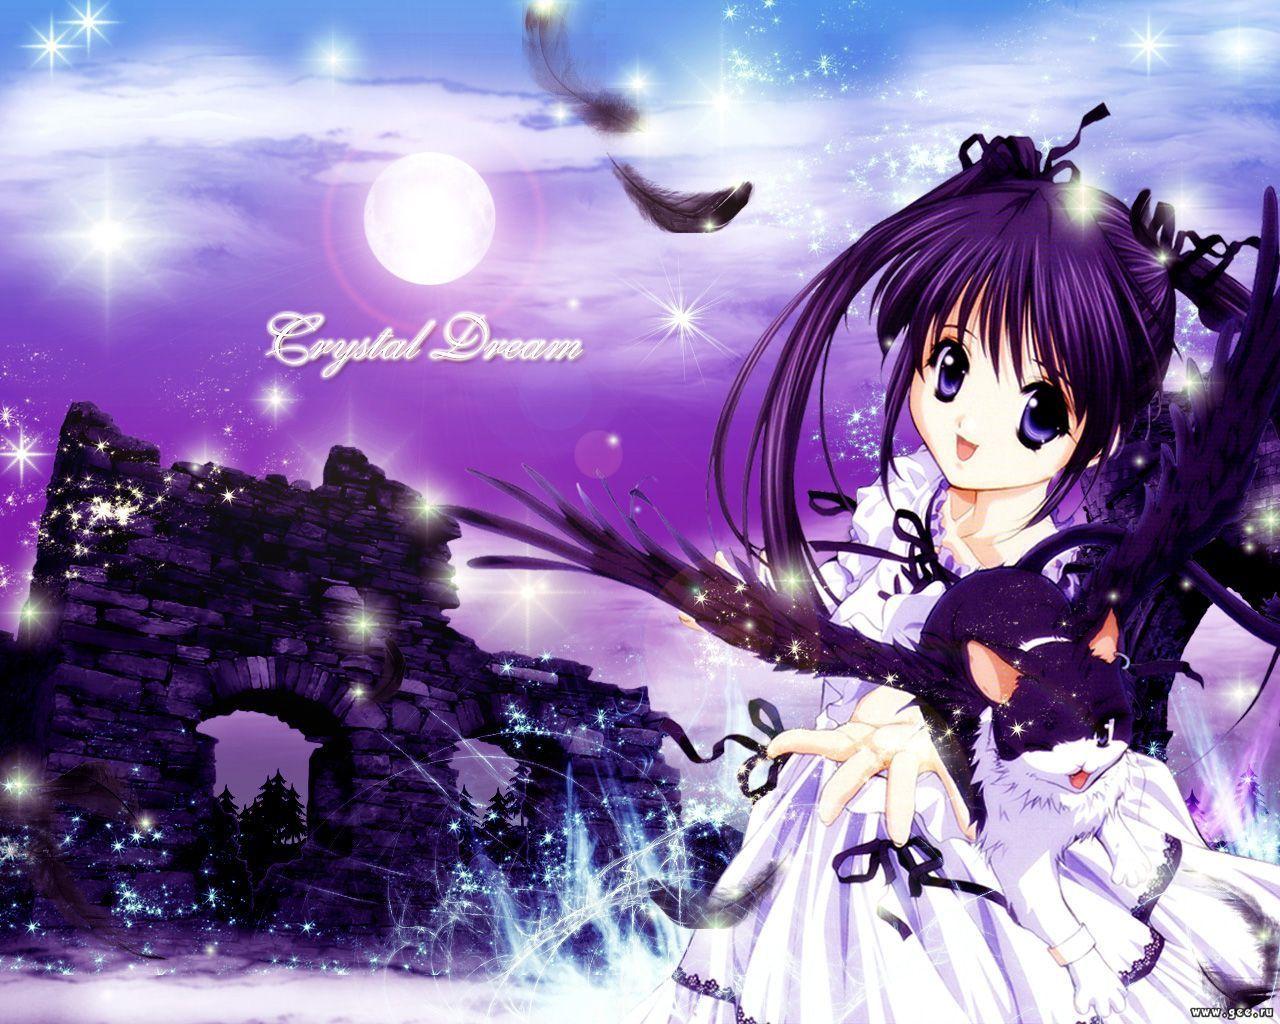 image sister princess anime